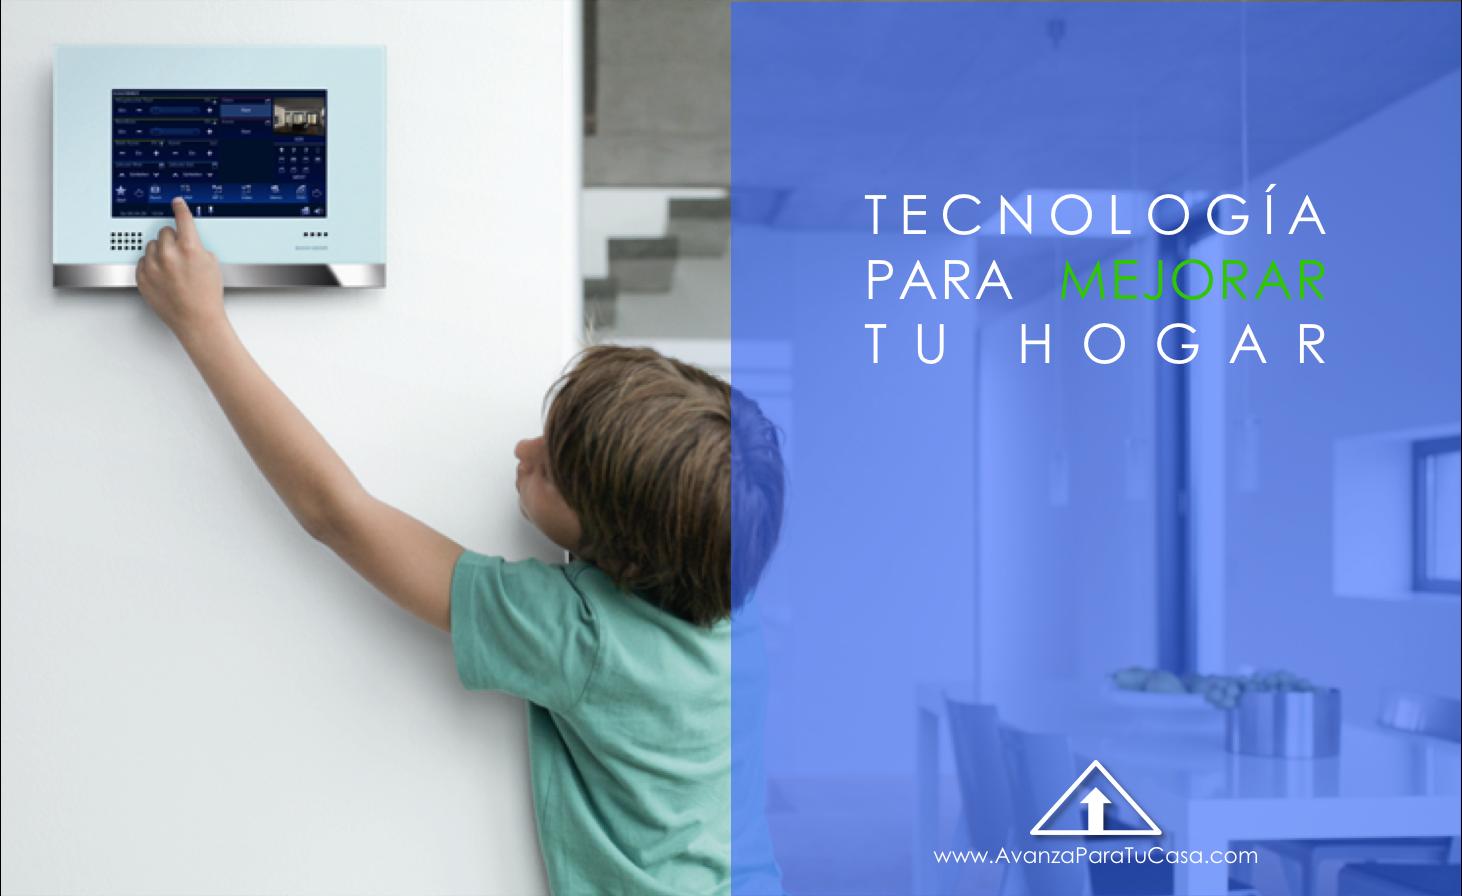 Tecnolog a para mejorar tu hogar soc asesores avanza - Tecnologia in casa ...